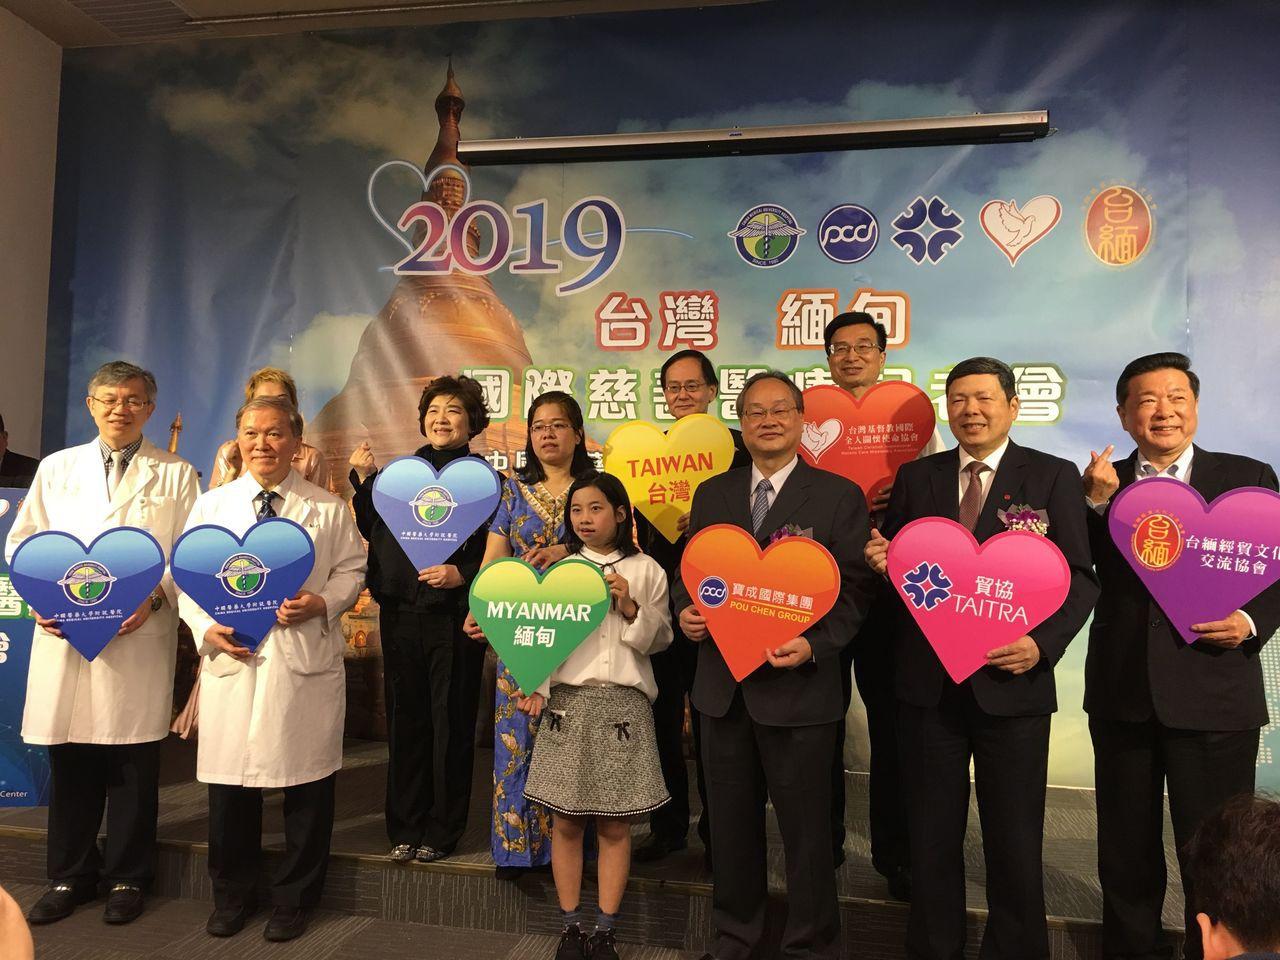 外貿協會及緬甸臺北經濟文化辦事處合作提供簽證及來臺就醫安排協助,透過中國醫藥大學...